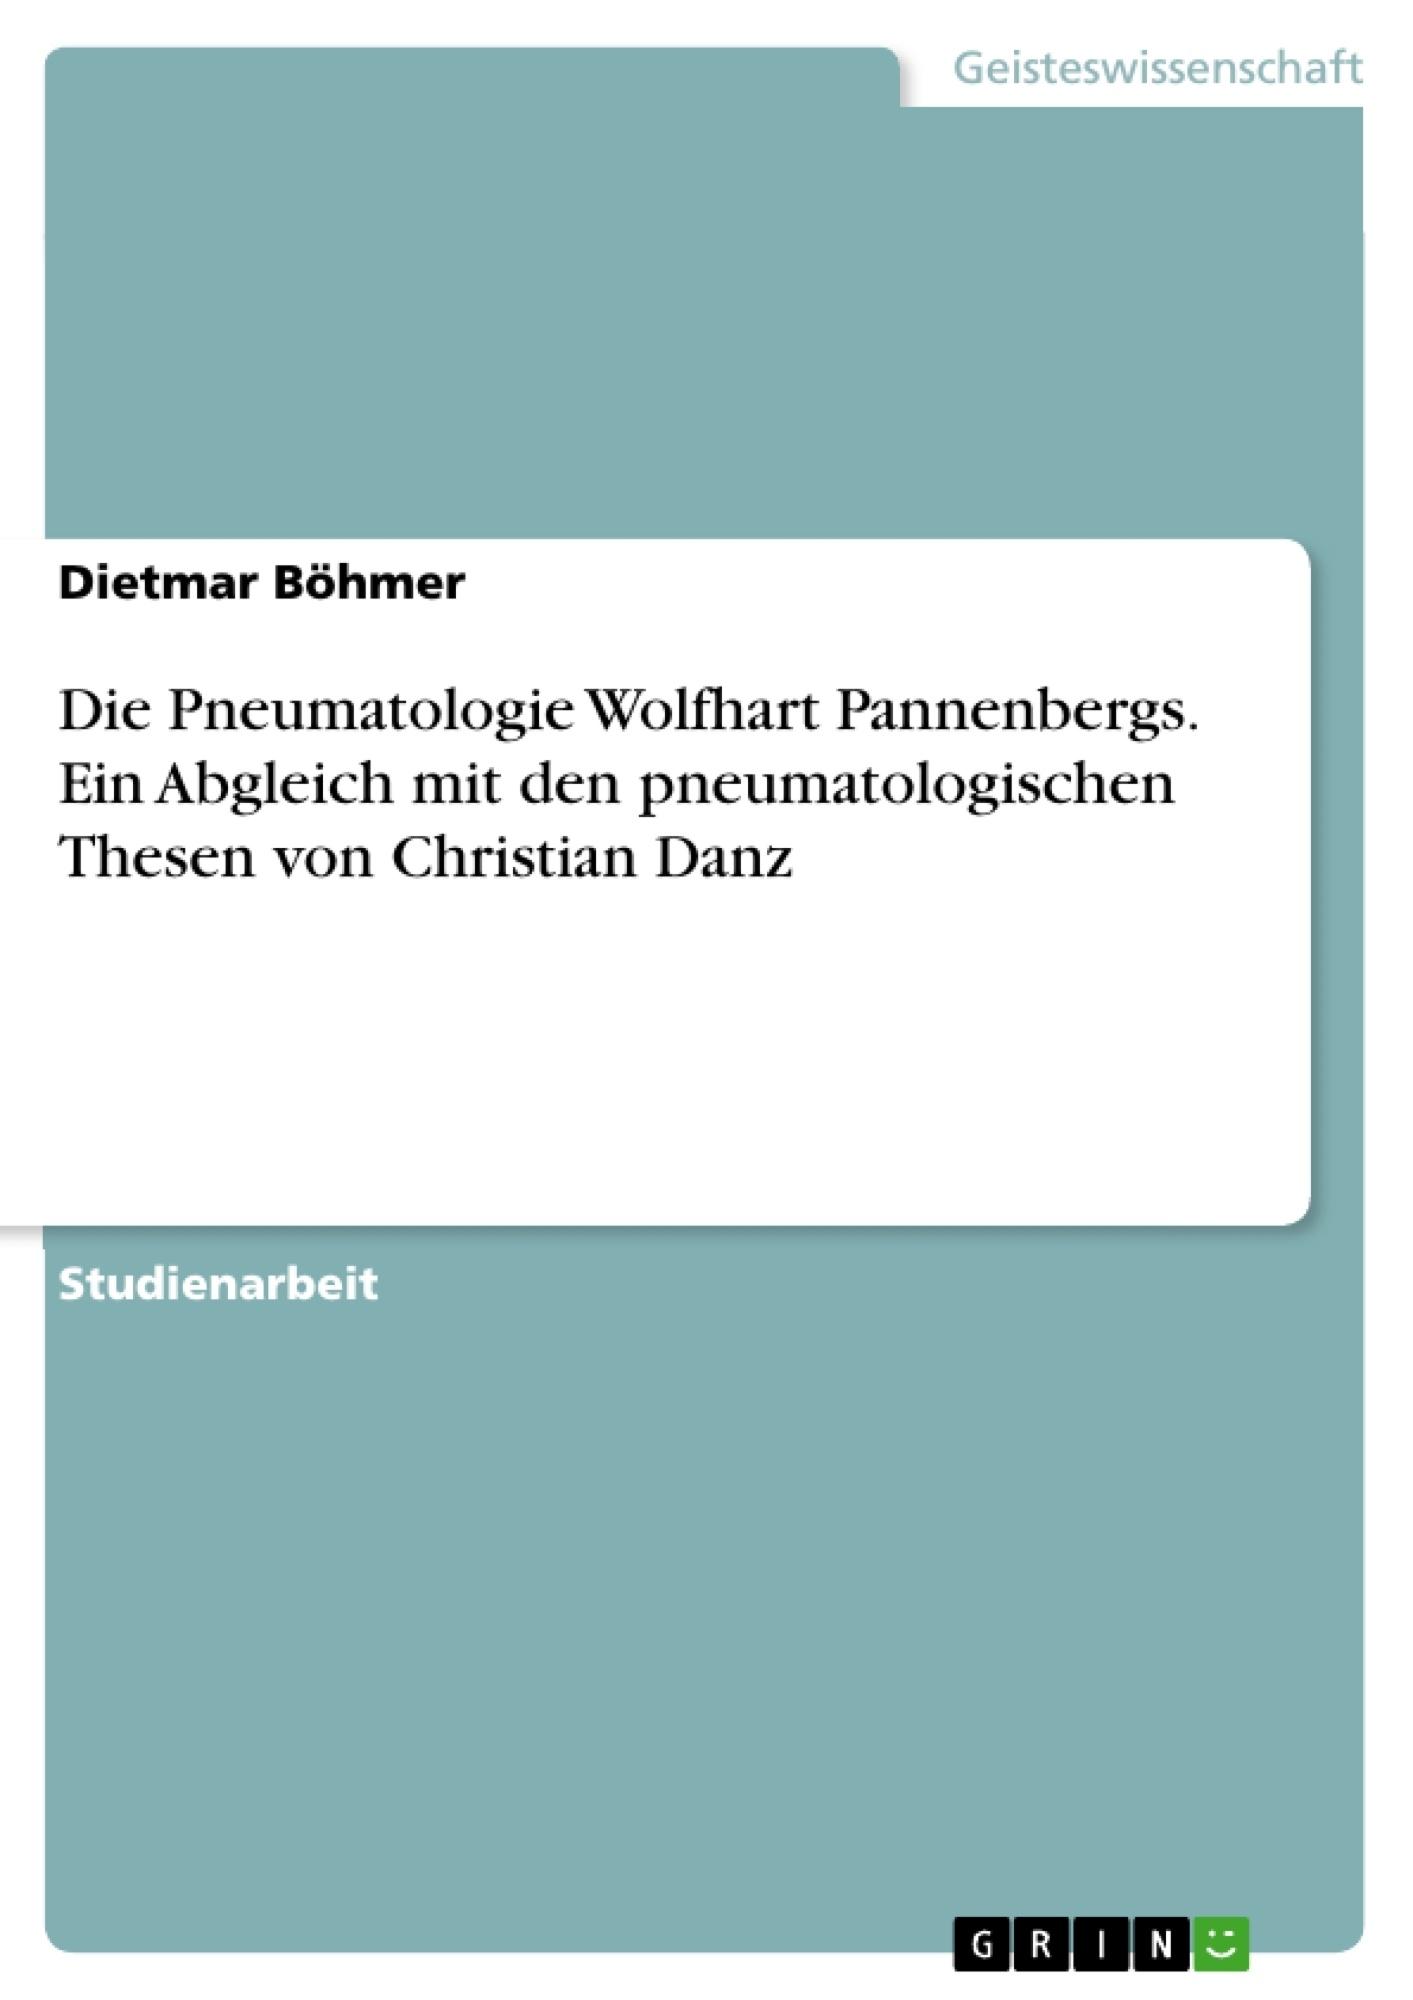 Titel: Die Pneumatologie Wolfhart Pannenbergs. Ein Abgleich mit den pneumatologischen Thesen von Christian Danz